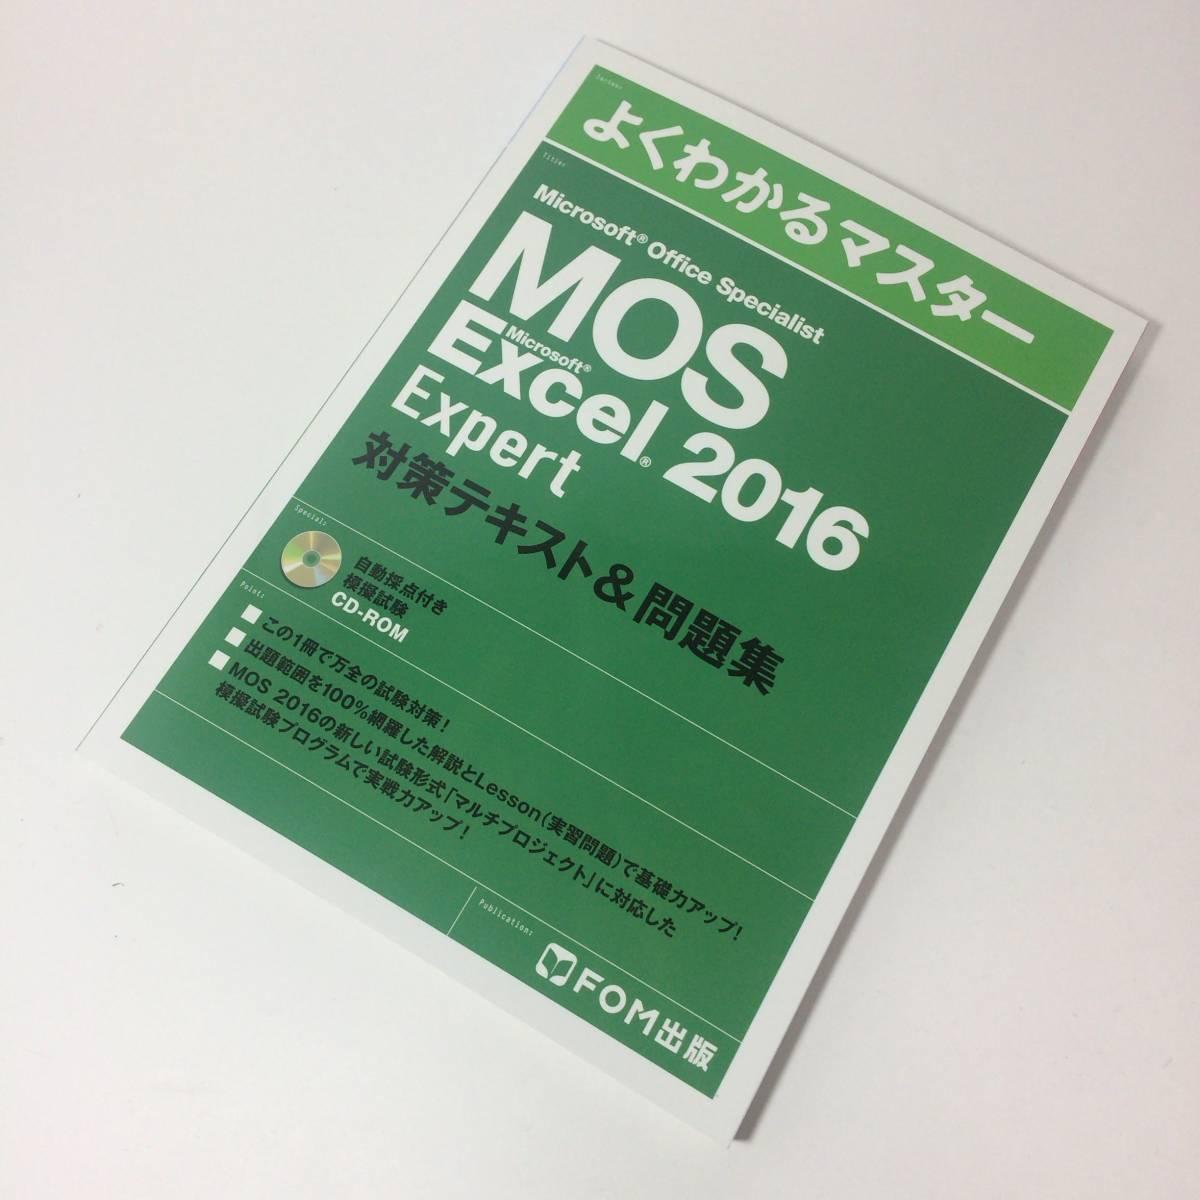 【美品 送料無料】Microsoft Office Specialist Excel 2016 Expert 対策テキスト&問題集 MOS エクセル エキスパート CD付 FOM出版